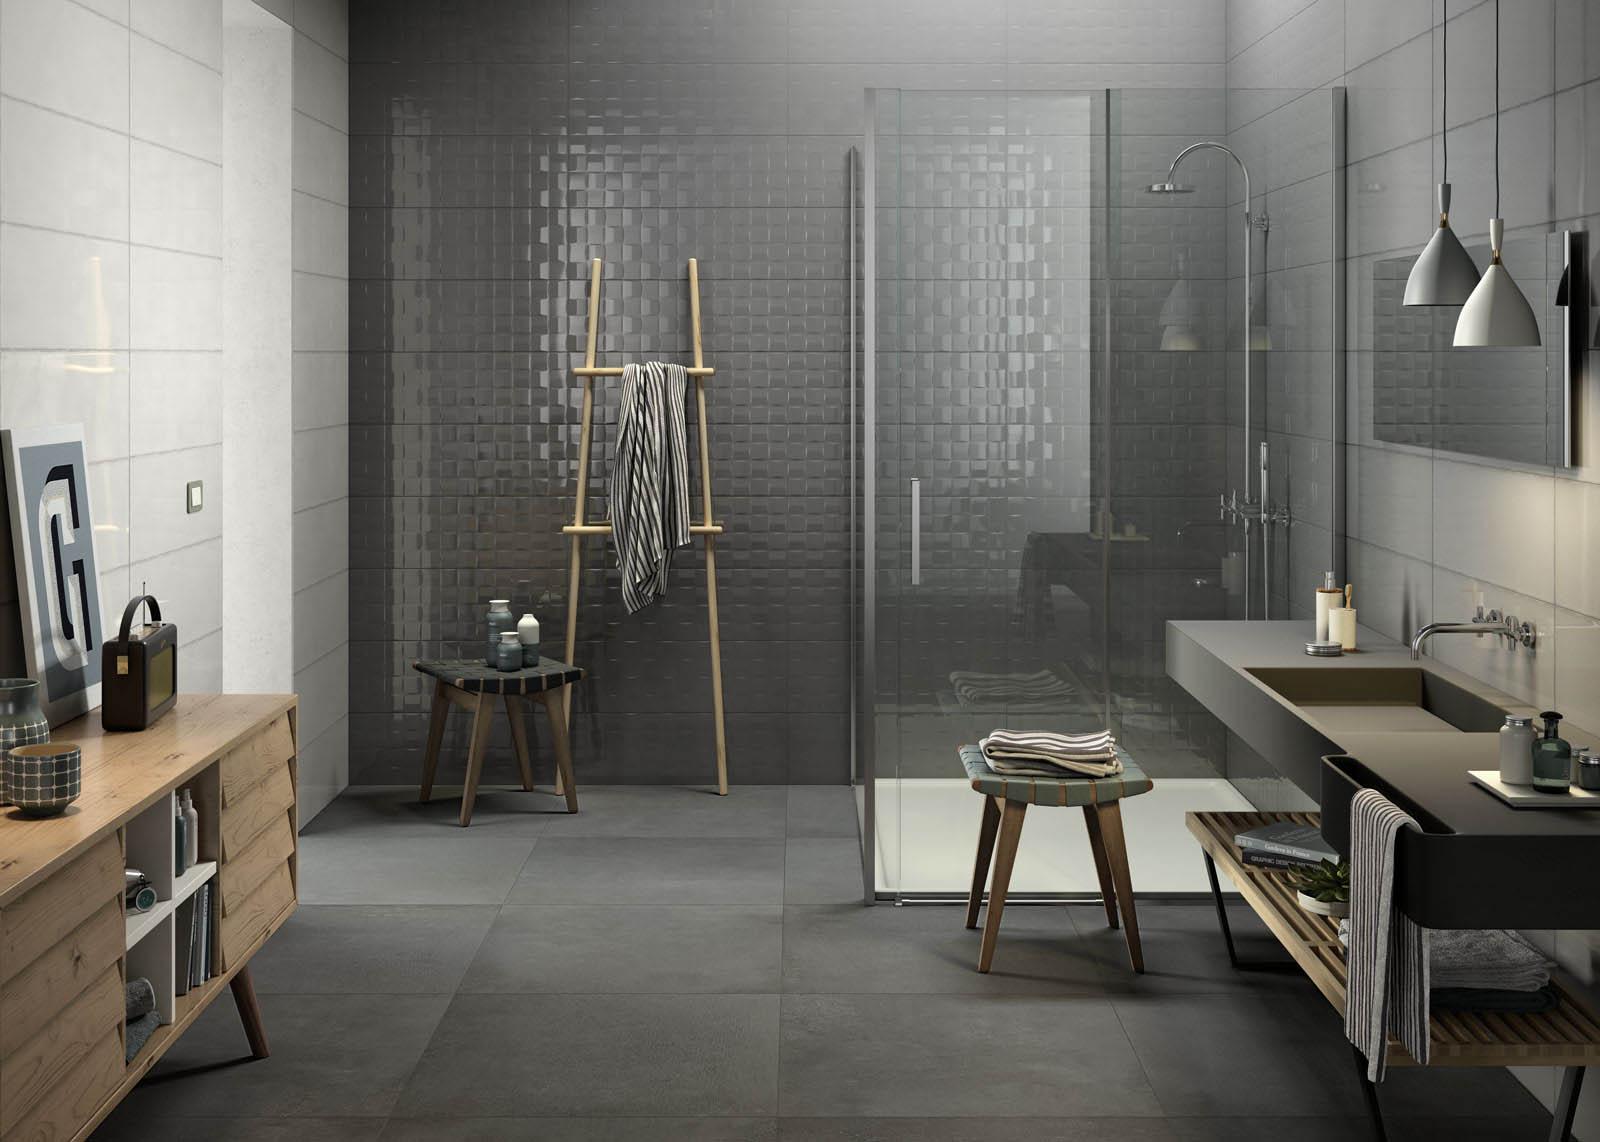 Piastrelle per rivestimenti cucina bagno doccia marazzi - Rivestimenti per doccia ...